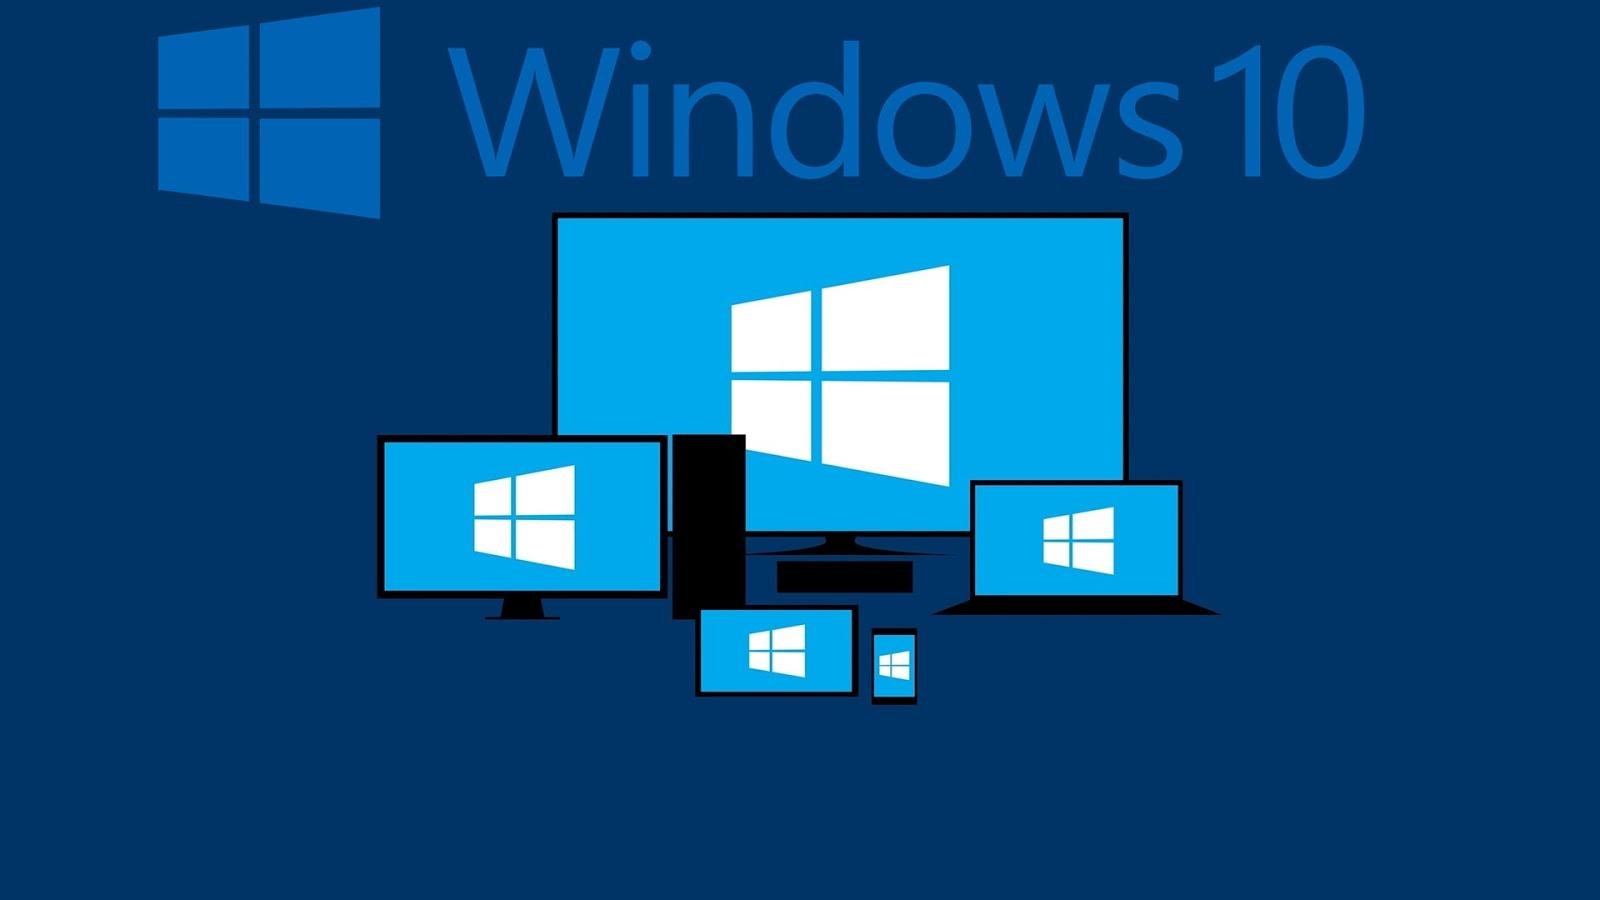 Microsoft сделала Windows 10 Рекомендуемым обновлением для пользователей Windows 7 и 8.1